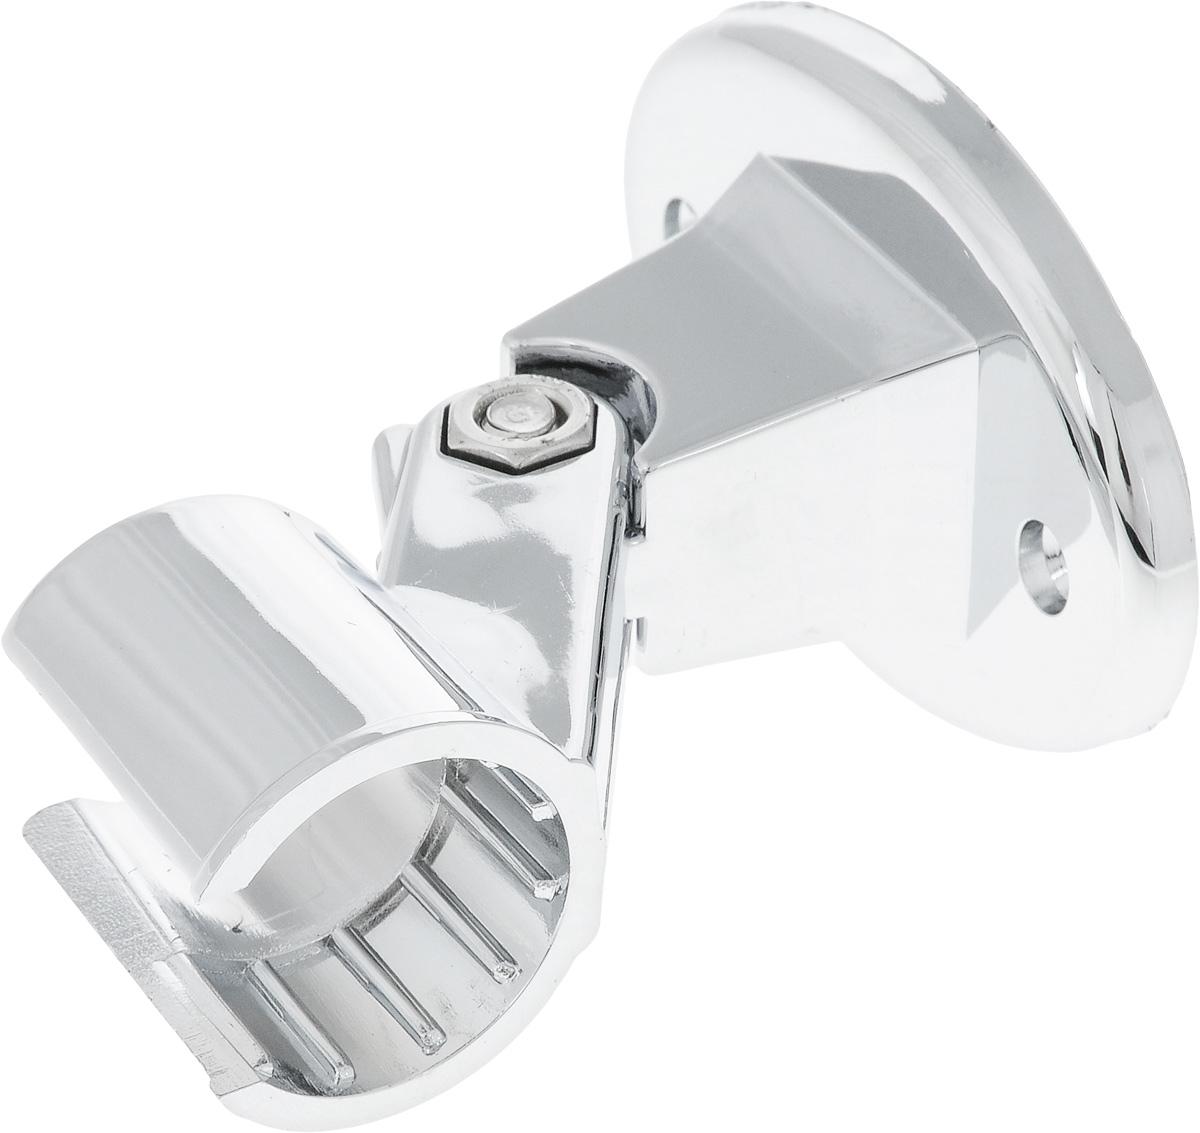 Держатель душевой лейки Euroshowers Simple68/5/3Держатель для лейки Euroshowers Simple изготовлен из ABS-пластика, высокопрочного и легкого материала, с надежным никель-хромовым покрытием, которое гарантирует идеальный зеркальный блеск и защиту изделия на долгий срок. Держатель предусматривает возможность регулировки наклона лейки, что позволяет размещать ее под комфортным углом.В комплект входят крепления. Размер держателя: 8 см х 9 см х 5 см.